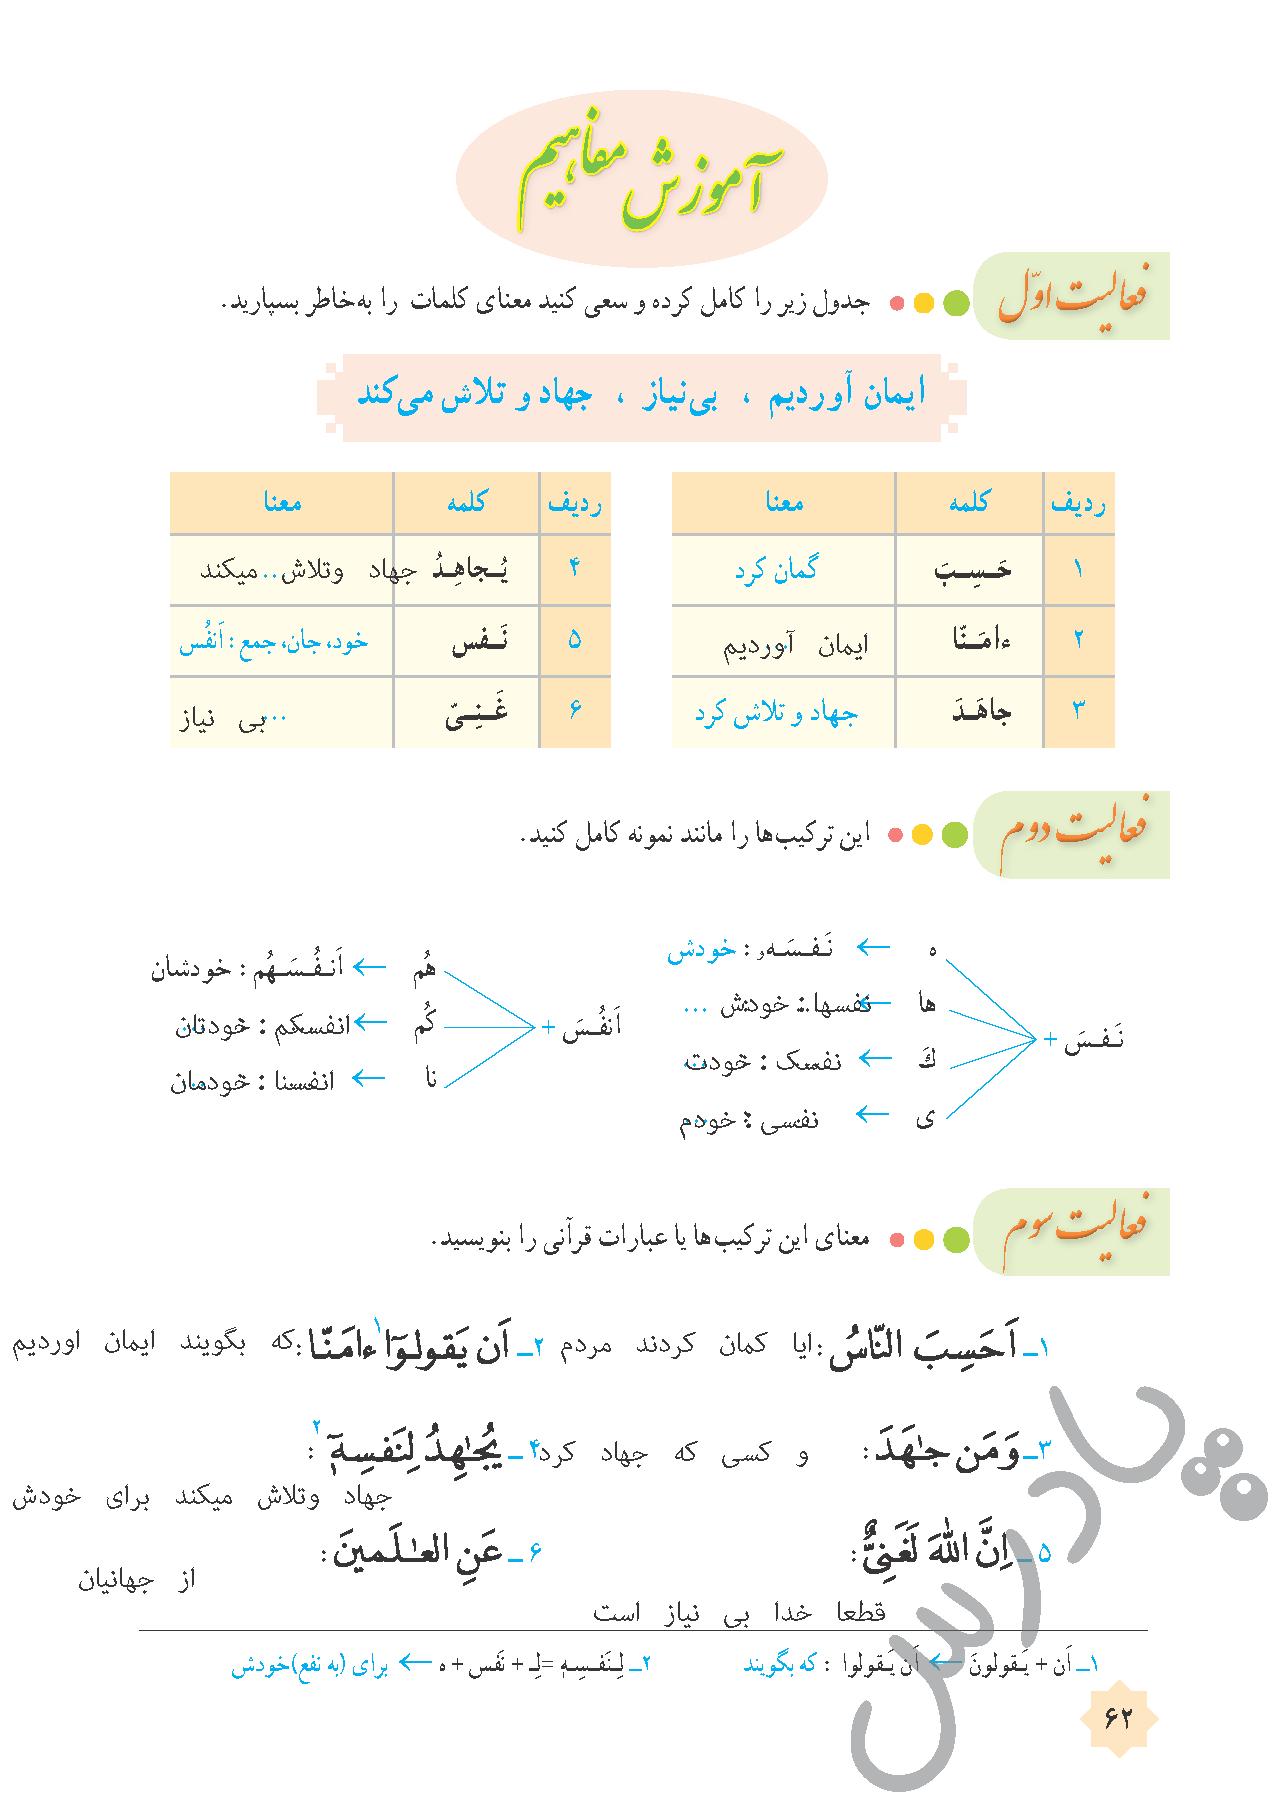 جواب فعالیت های درس 6 قرآن هشتم - جلسه اول